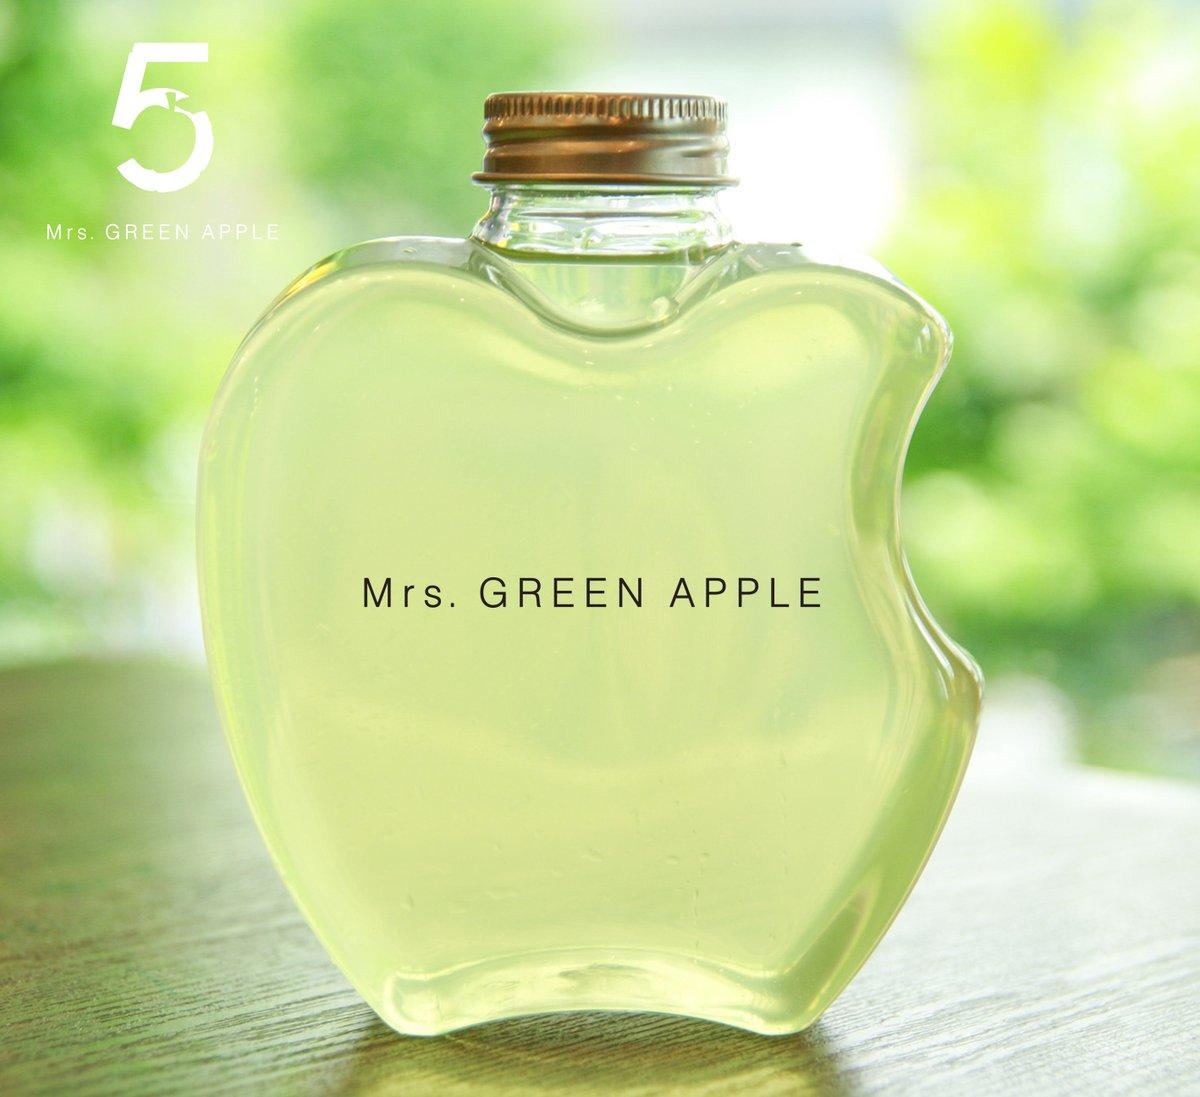 【Mrs. GREEN APPLE × TOWER RECORDS CAFE】『オリジナルラベルりんご型テイクアウトボトルドリンク』は現在品薄となっております。本日朝一で品切れとなる場合がございますので予めご了承下さいませ。欠品・再入荷の際はTwitterにて状況を発信させていただきます。